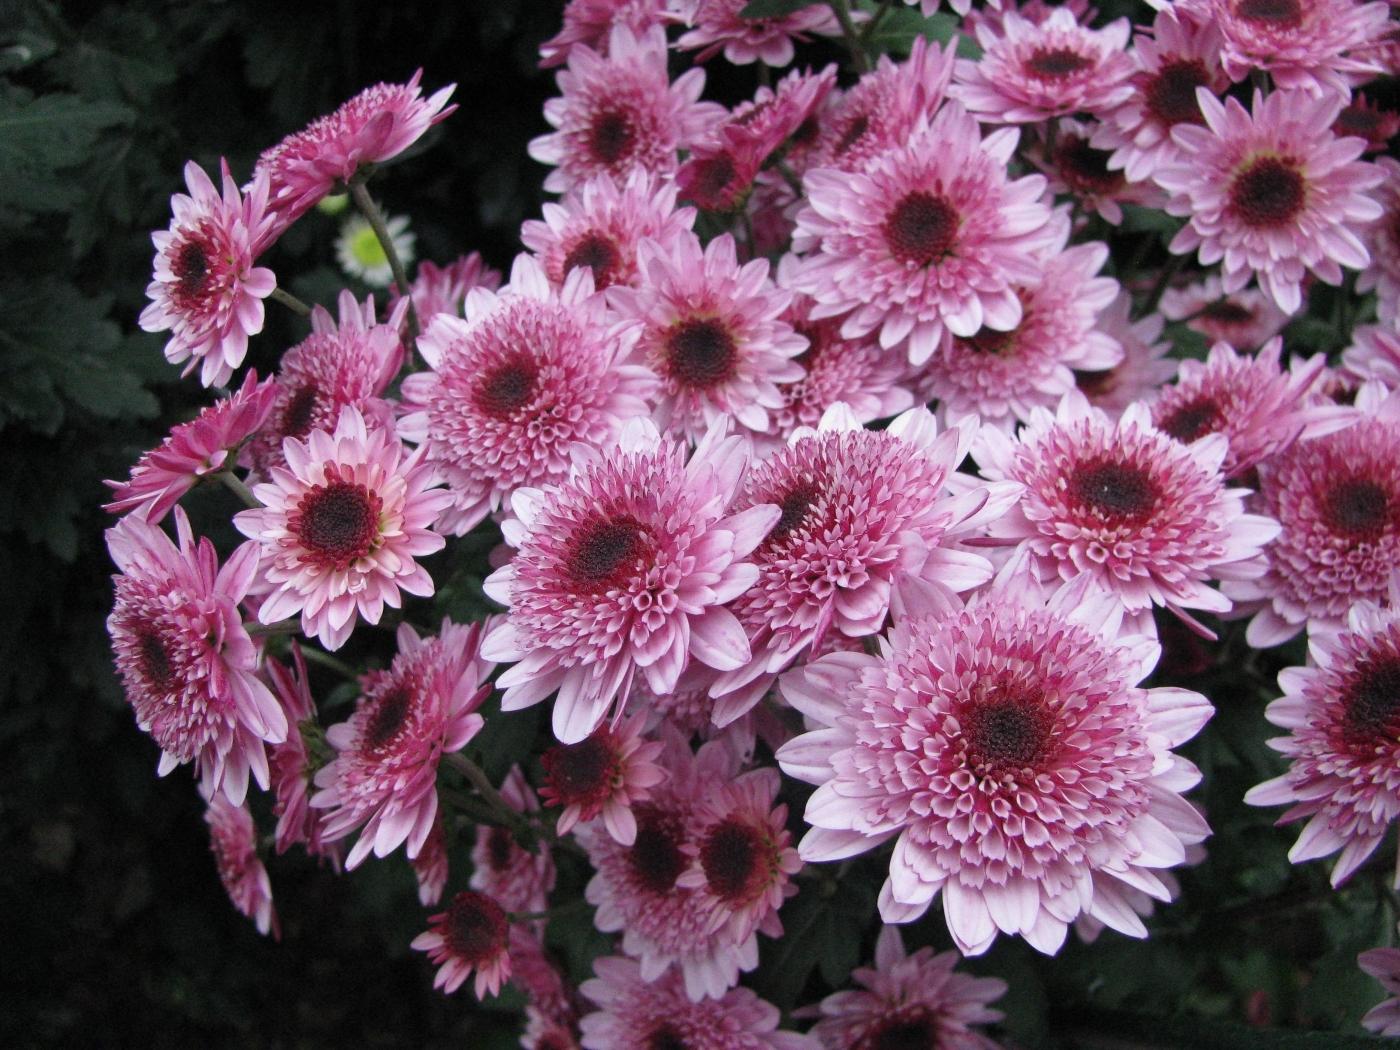 41361 скачать обои Растения, Цветы, Хризантемы - заставки и картинки бесплатно